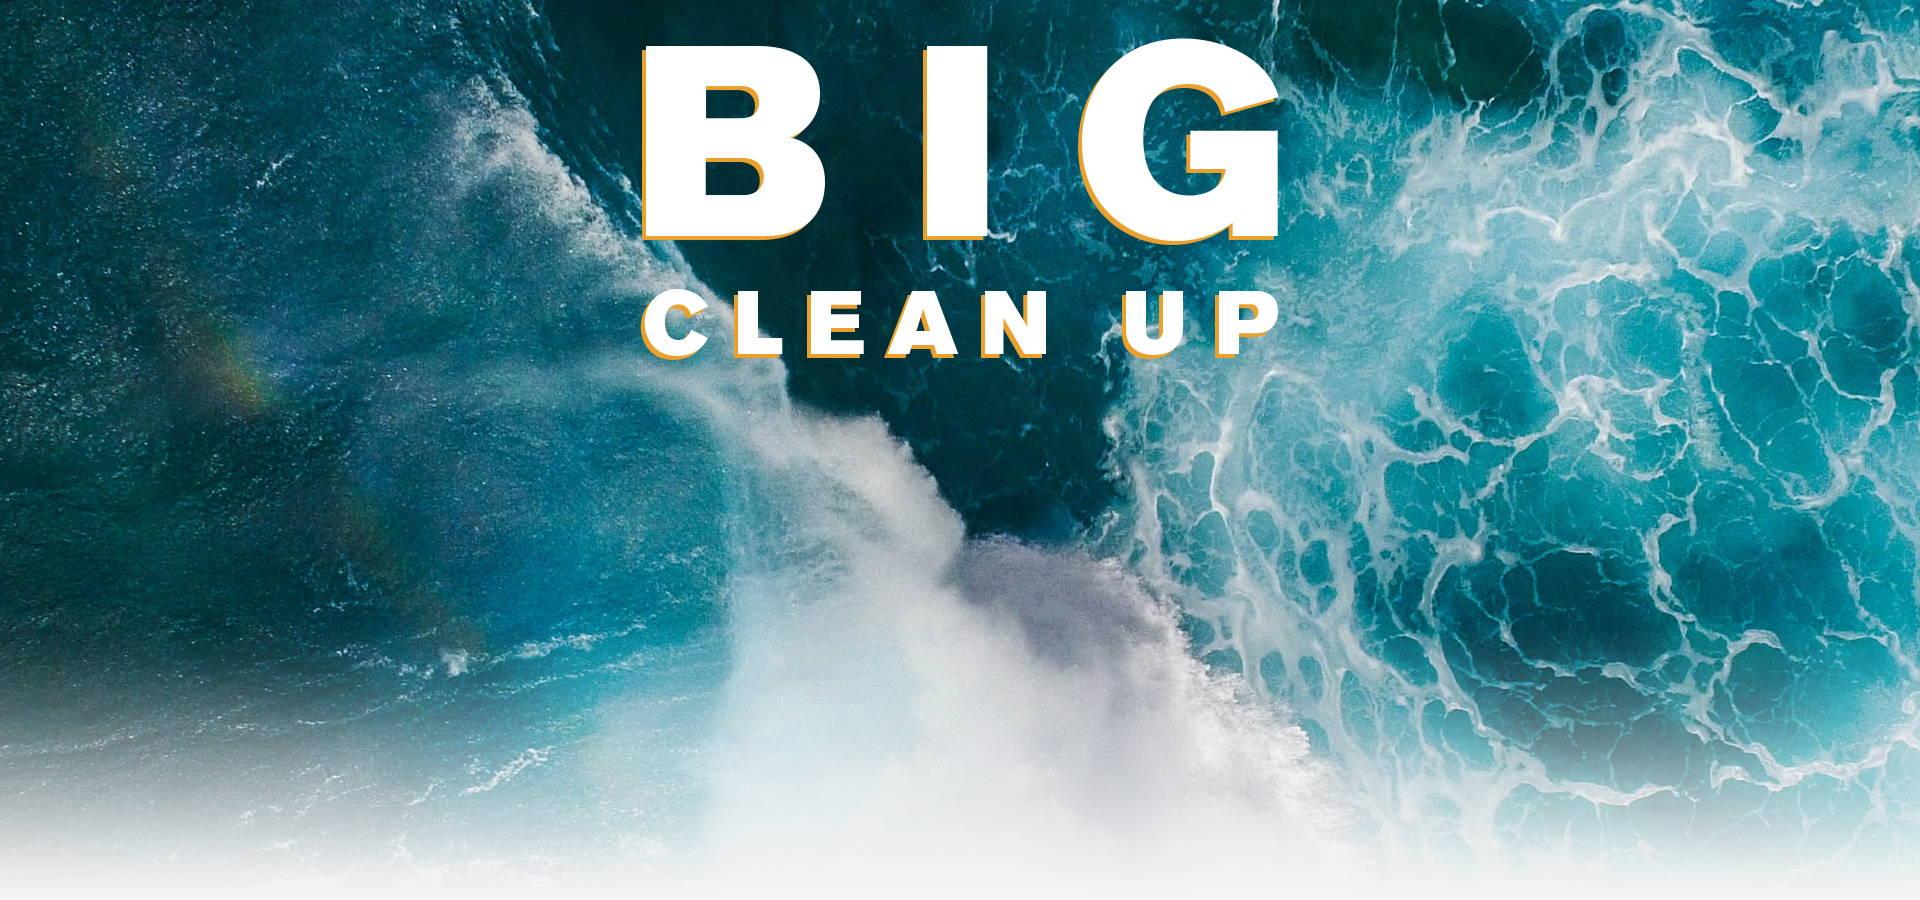 nu3 Big Clean Up - Nettoyage des déchets